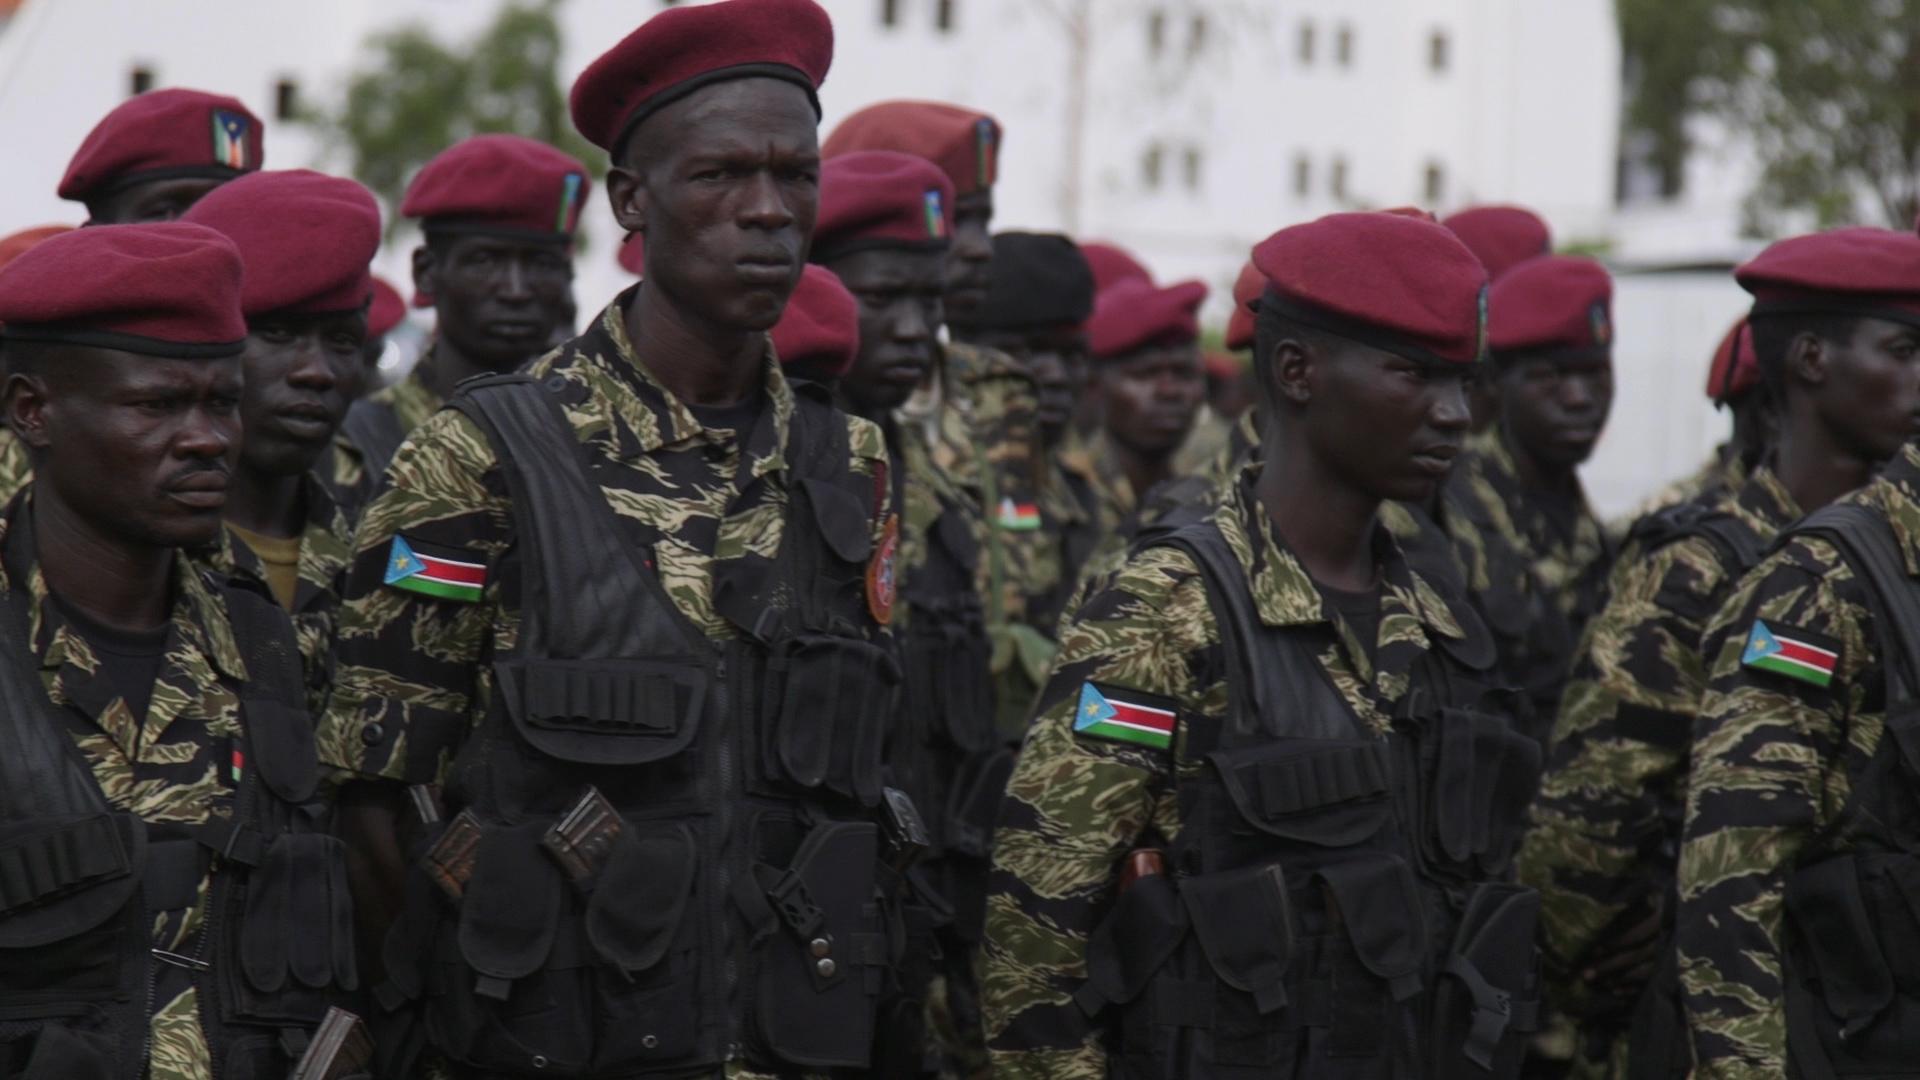 RSI segni dei tempi Sud Sudan.00_04_48_47.Immagine002.jpg